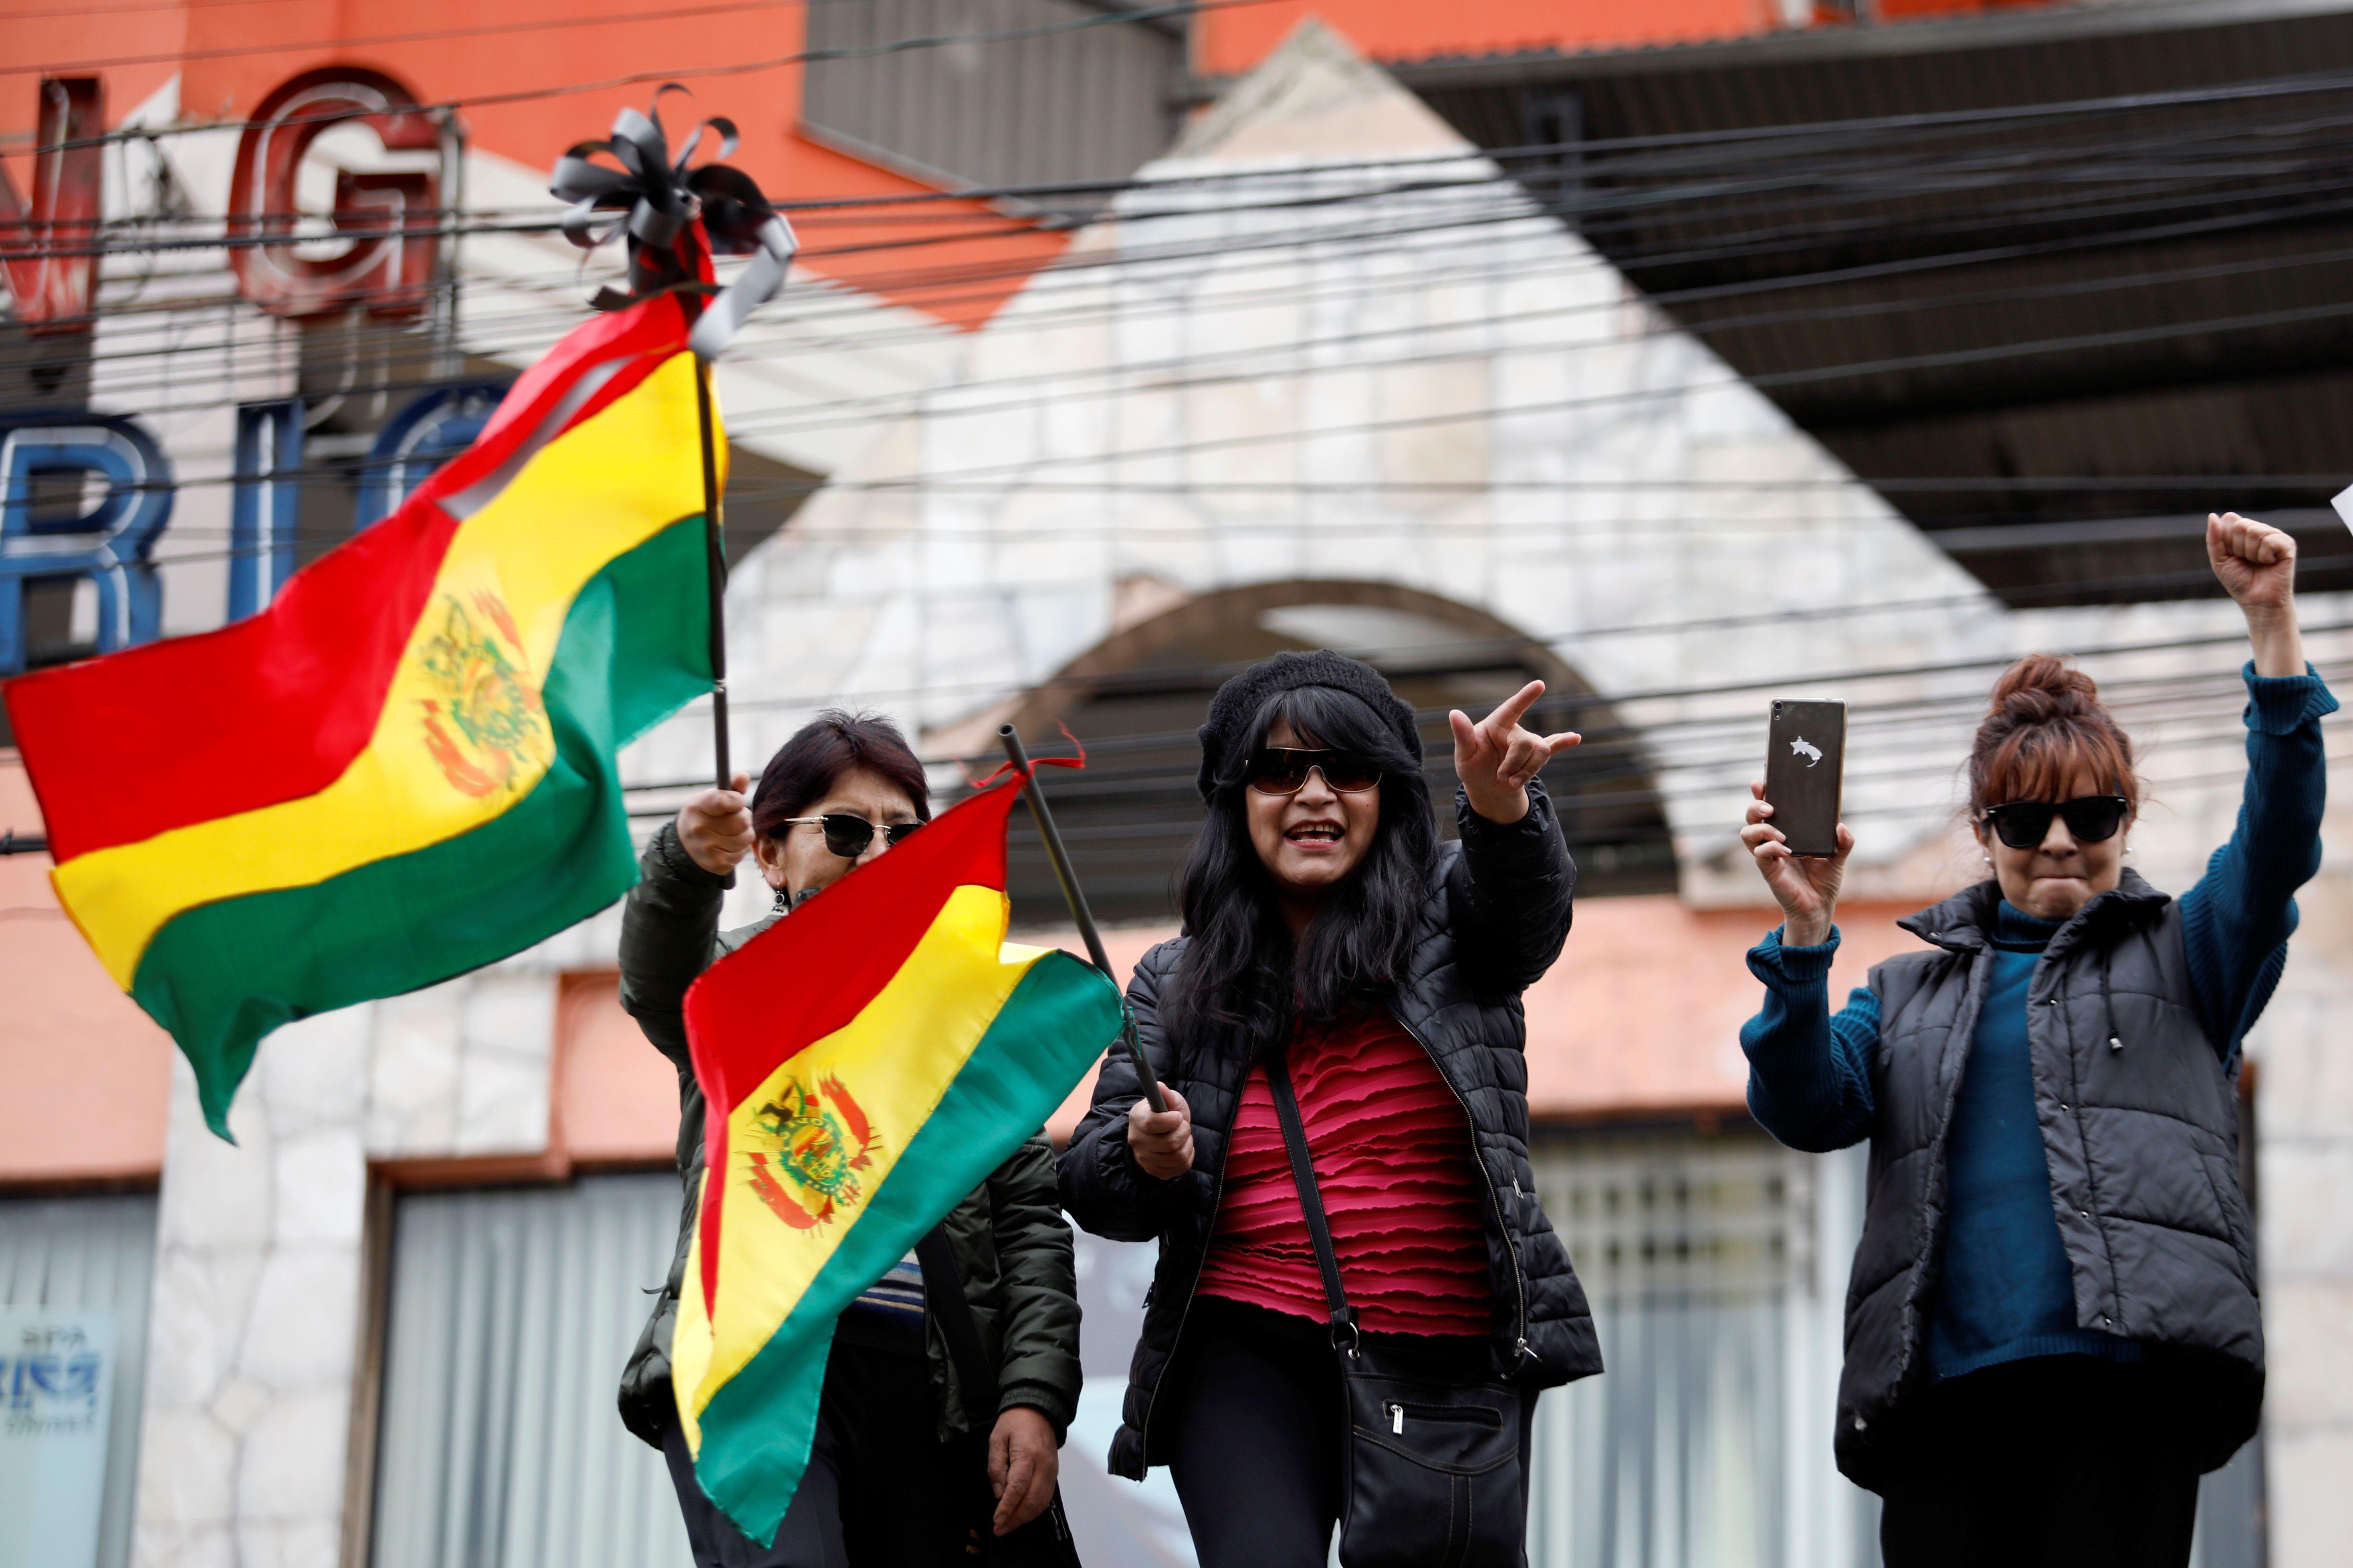 Un número indeterminado de policías se había amotinado con exigencias laborales y secundado la demanda de  dimisión de Morales